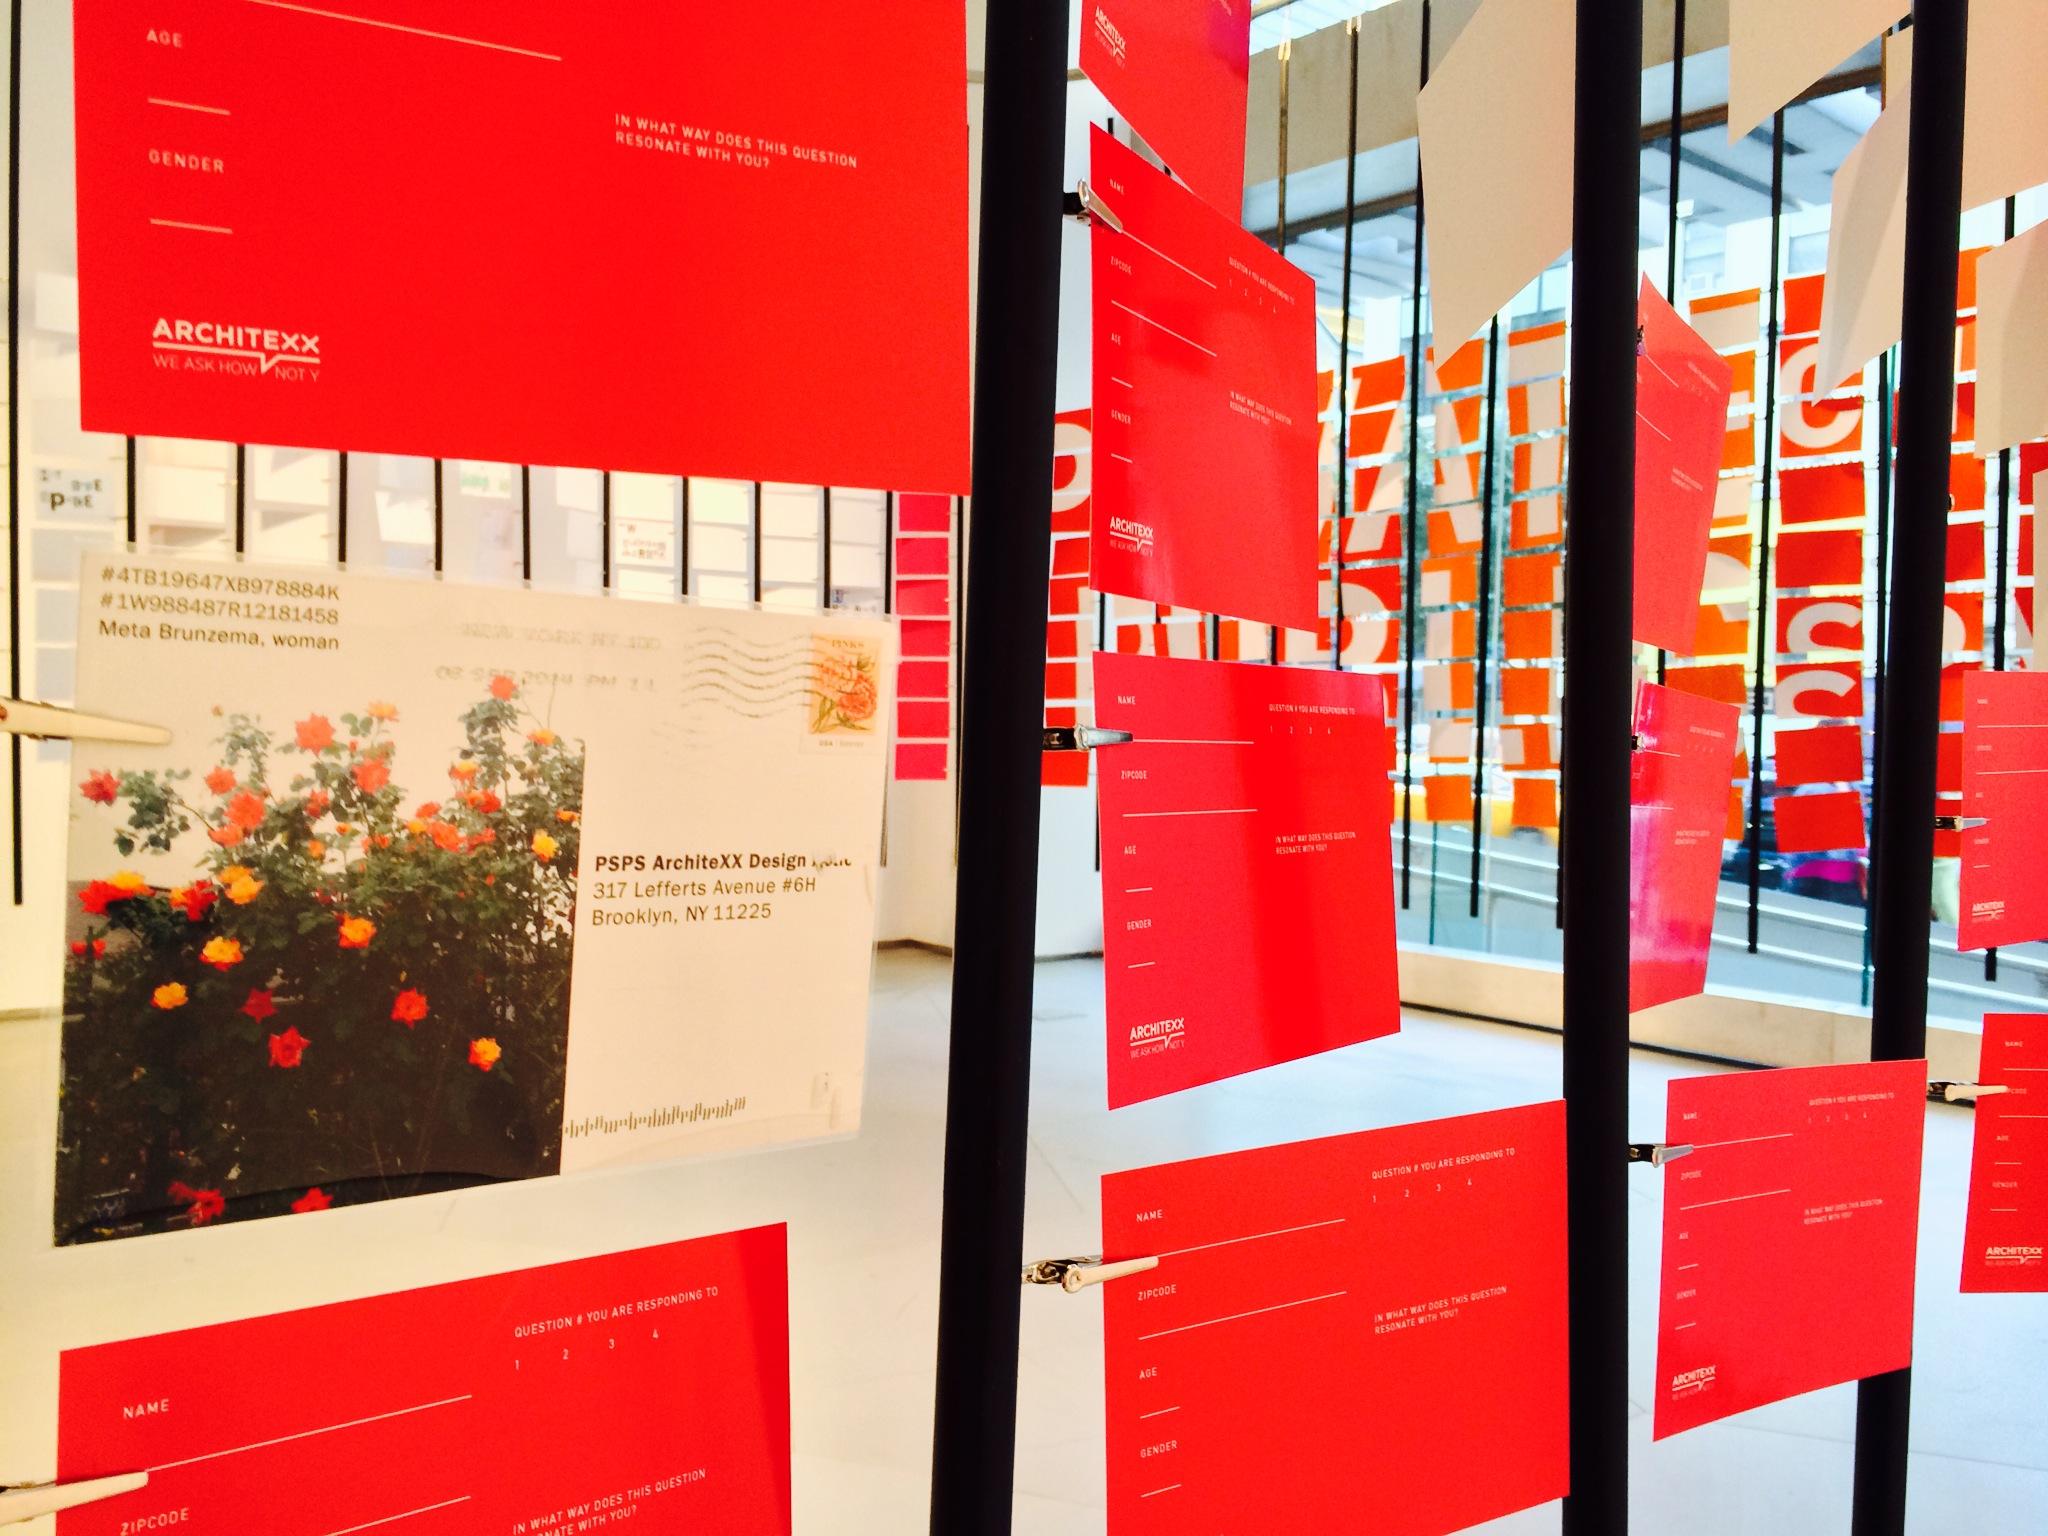 PCPS exhibit